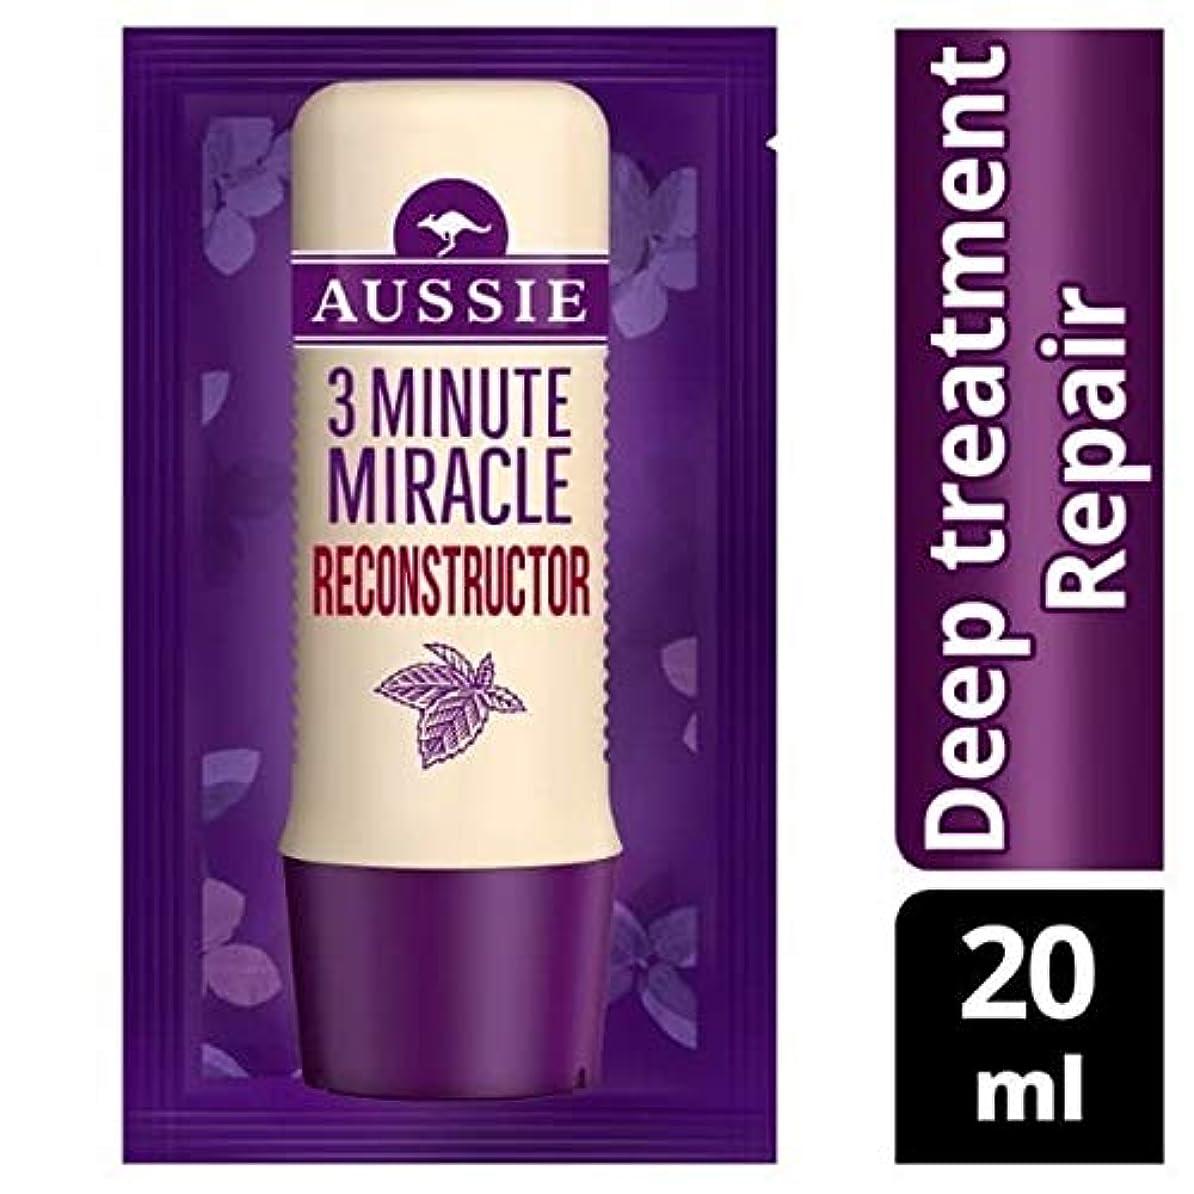 初期信頼性認める[Aussie ] オーストラリアの深い治療3分の奇跡の再構成の20ミリリットル - Aussie Deep Treatment 3 Minute Miracle Reconstructor 20ml [並行輸入品]